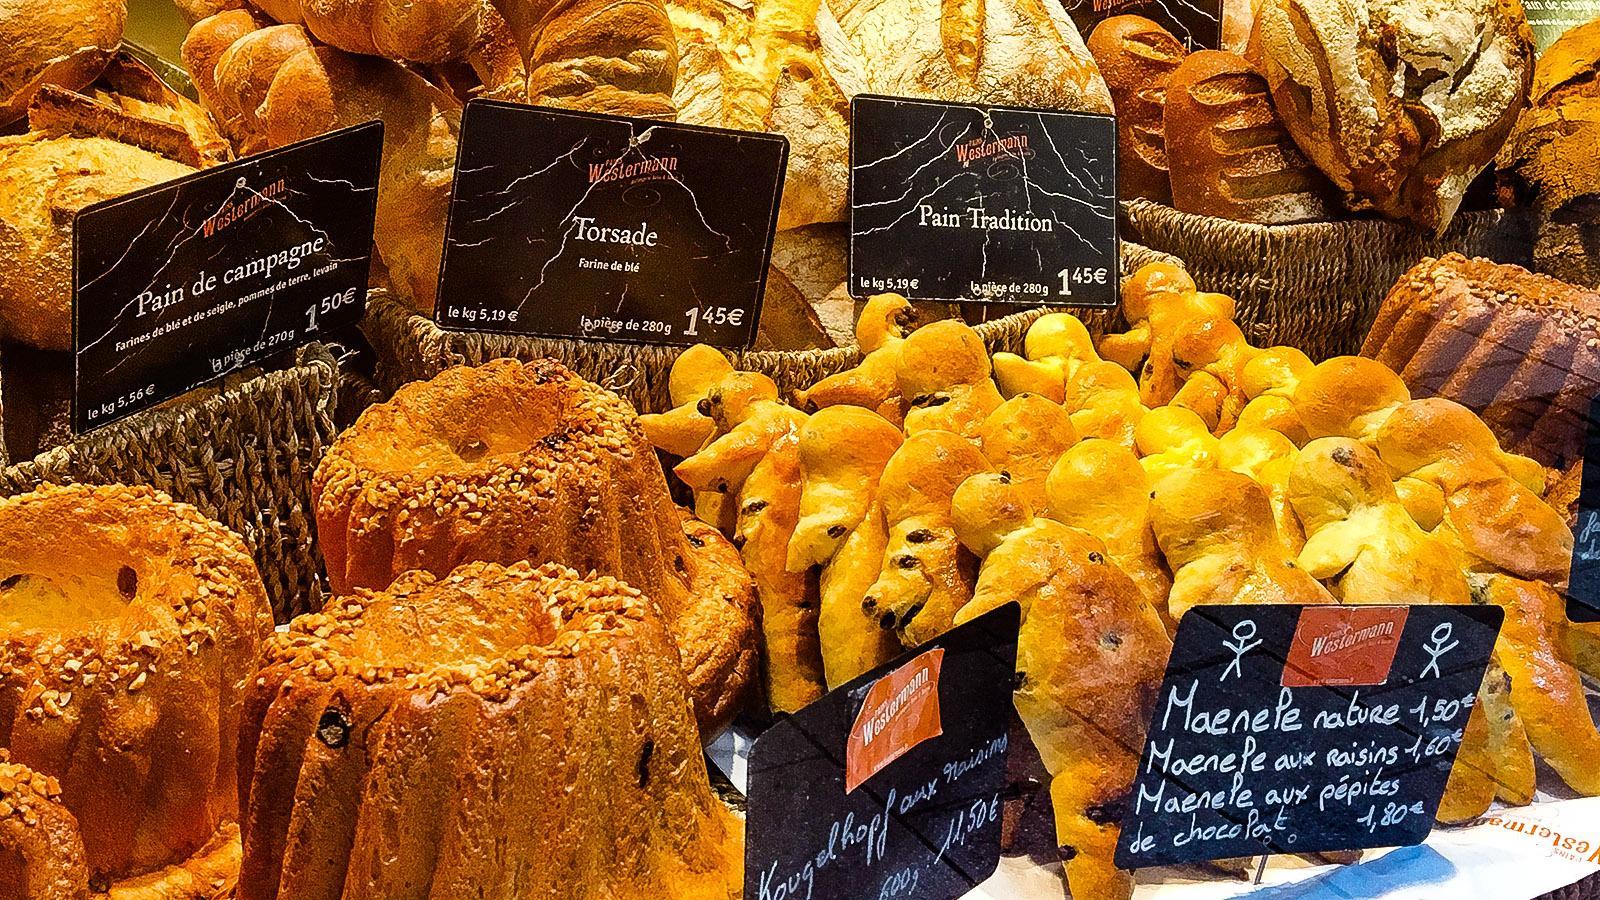 Weihnachtsmärkte: Auch Weckmännchen gehören zum Advent im Elsass. Foto: Hilke Maunder